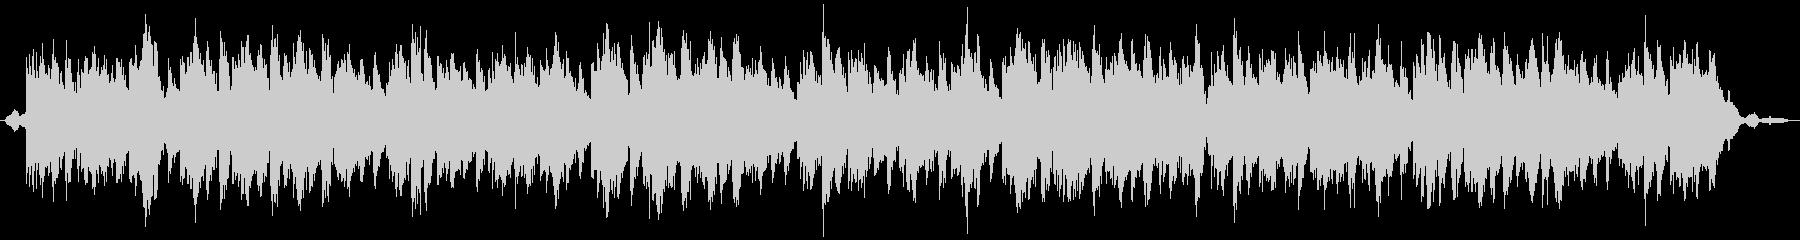 ヨガや瞑想・海の波音(エレキ・シンセ)の未再生の波形